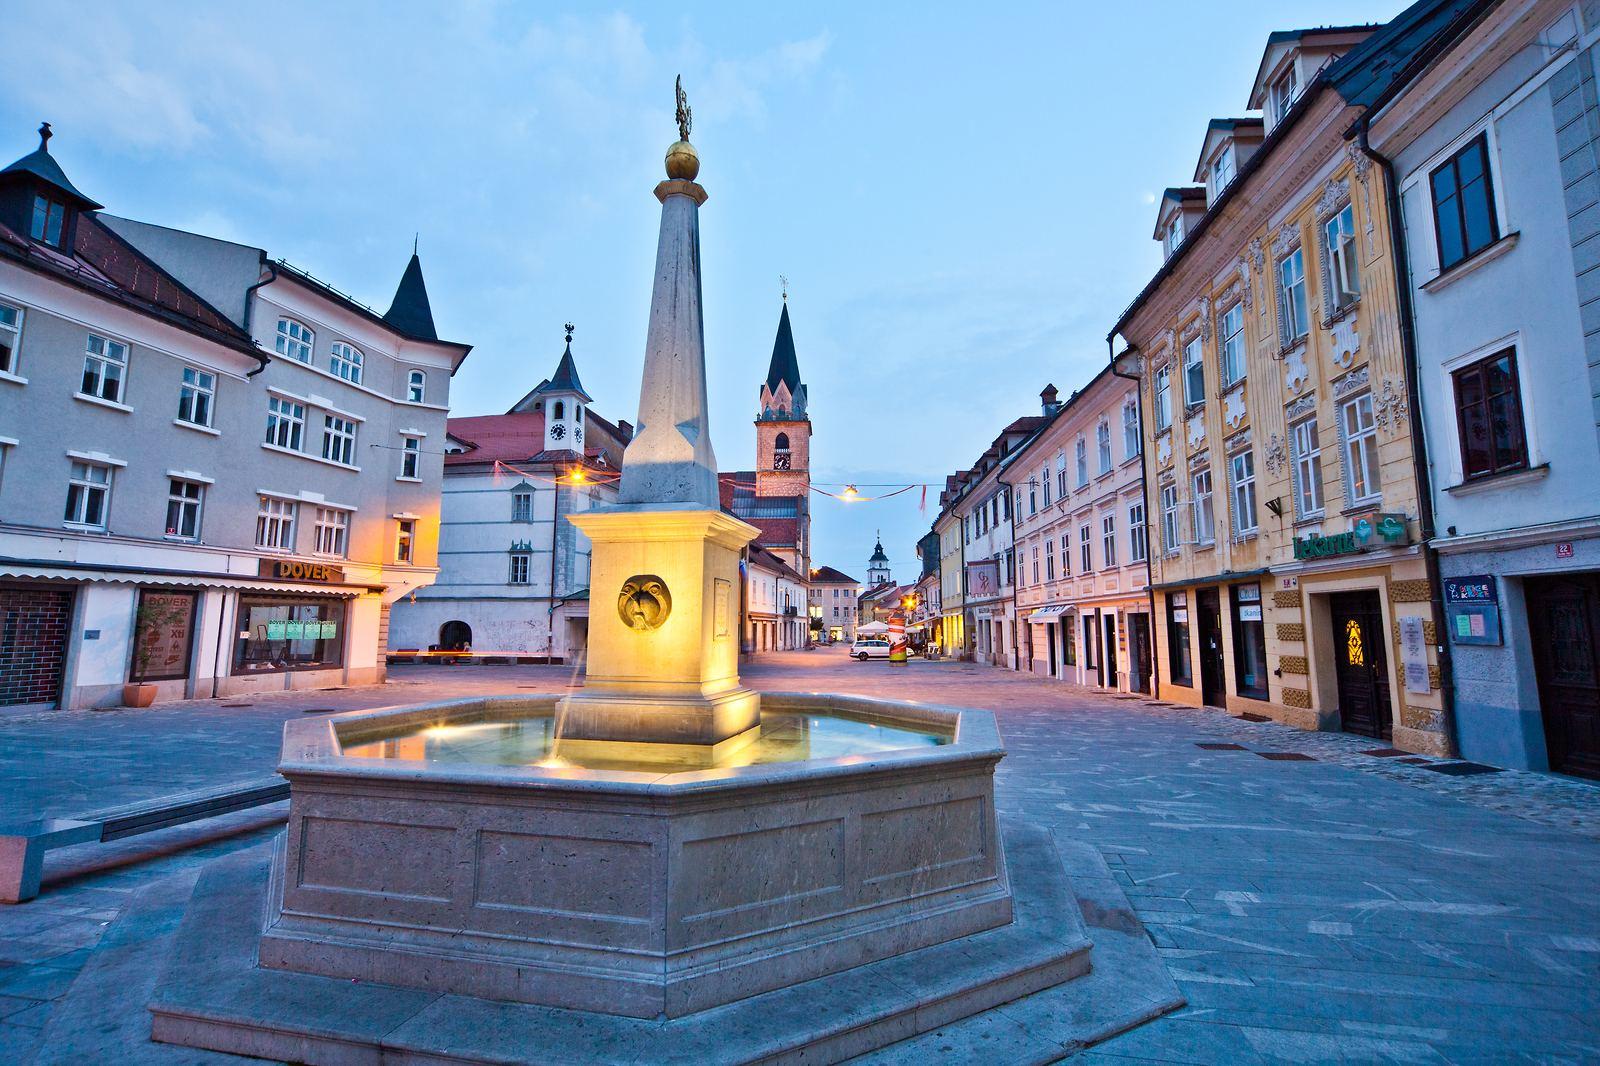 Glavni trg, Kranj, Slovinsko. Foto: Jošt Gantar